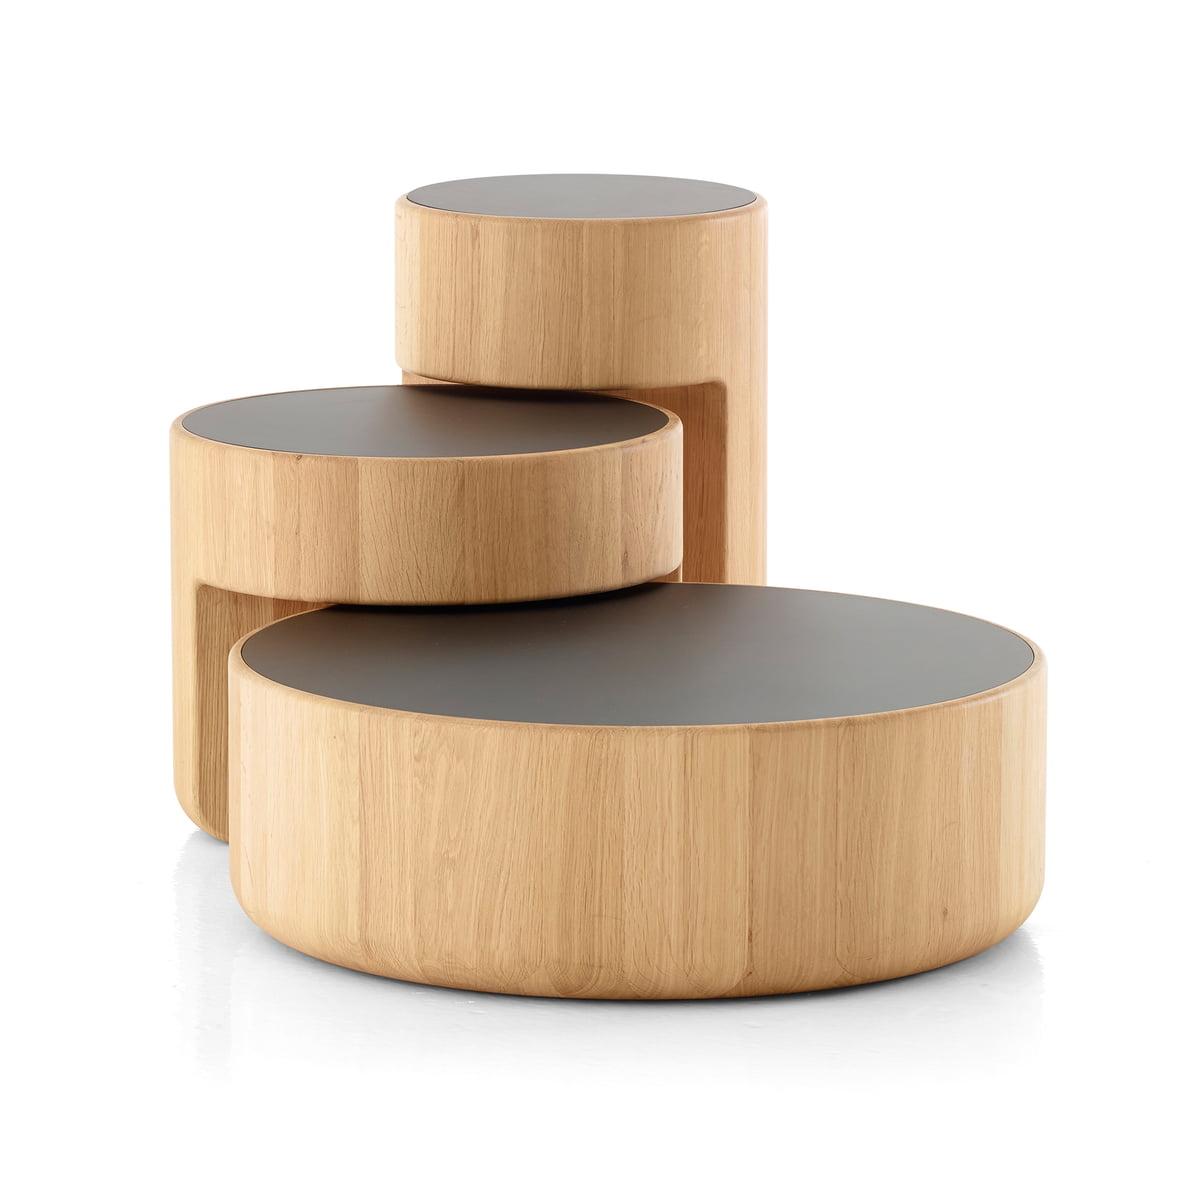 Peruse - Levels Satztische, 3er-Set, Eiche geölt / schwarz (RAL 9005) | Wohnzimmer > Tische > Satztische & Sets | Eiche geölt | Peruse